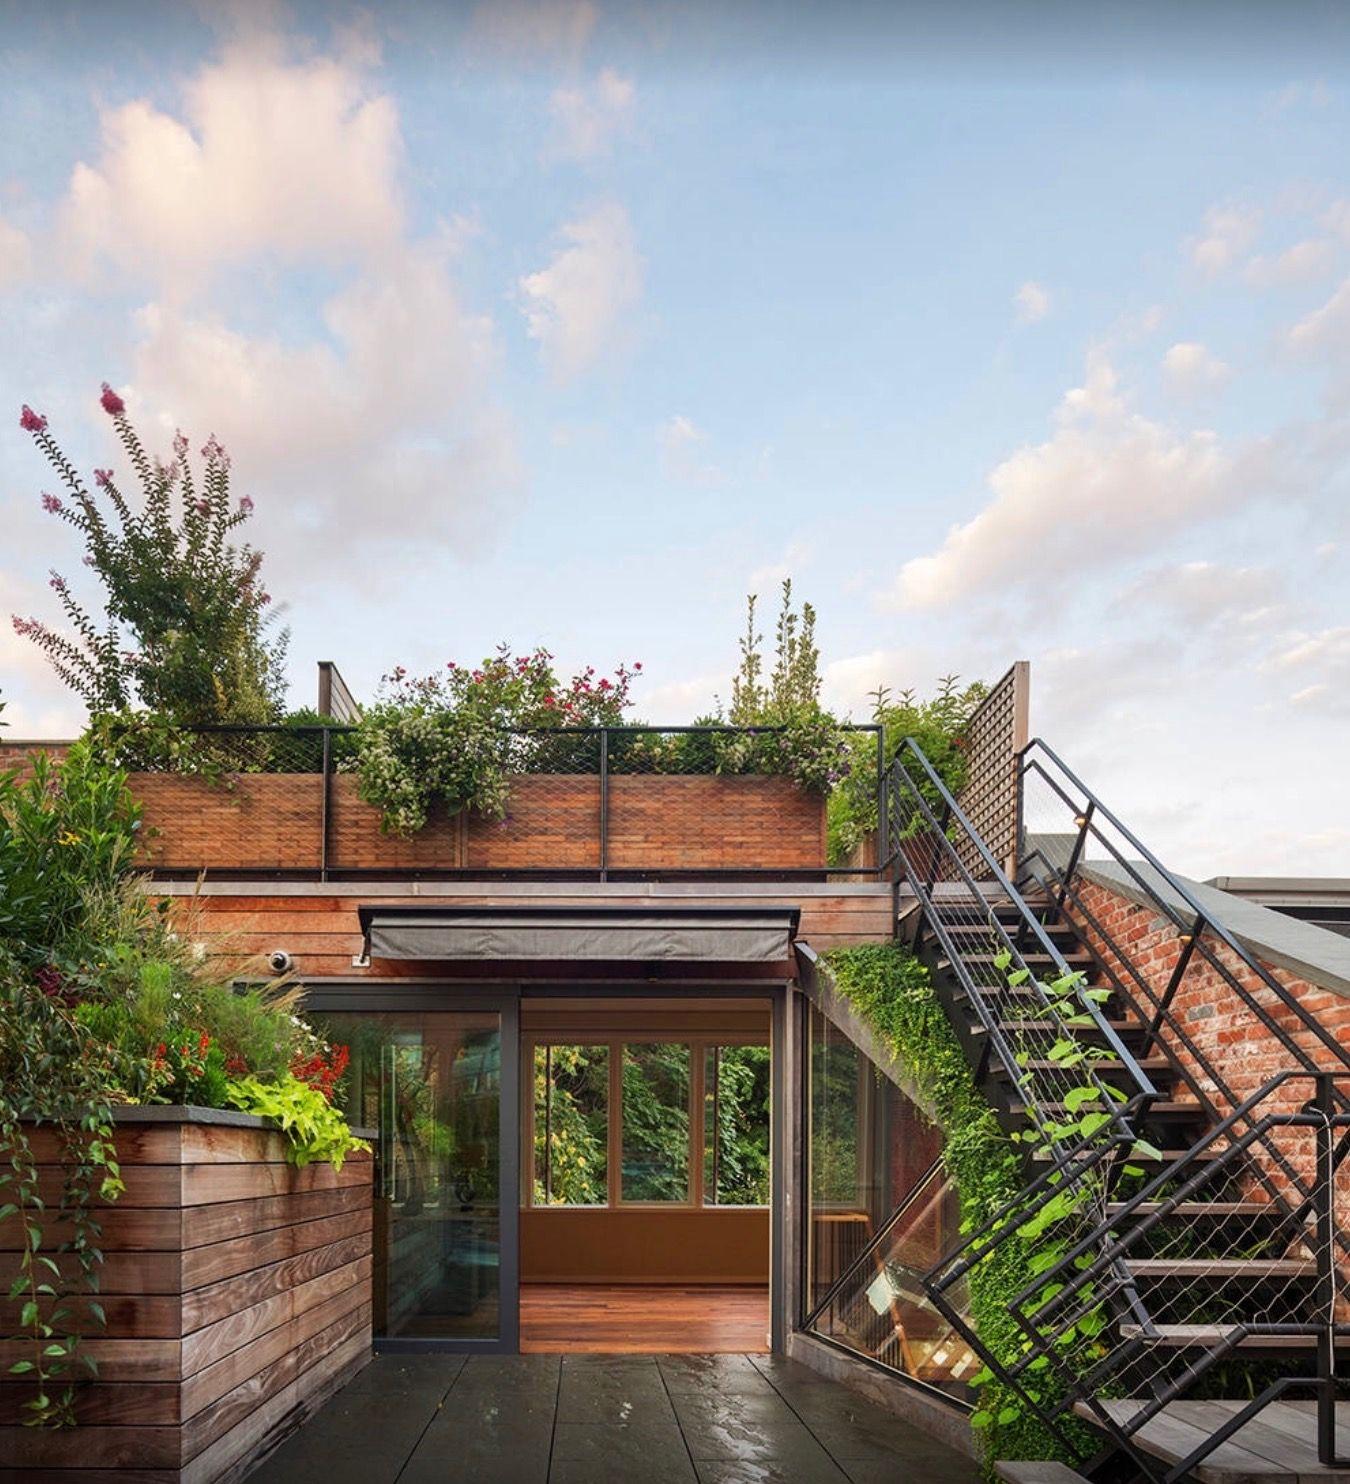 Pin von maddee dailey auf Architecture   Pinterest